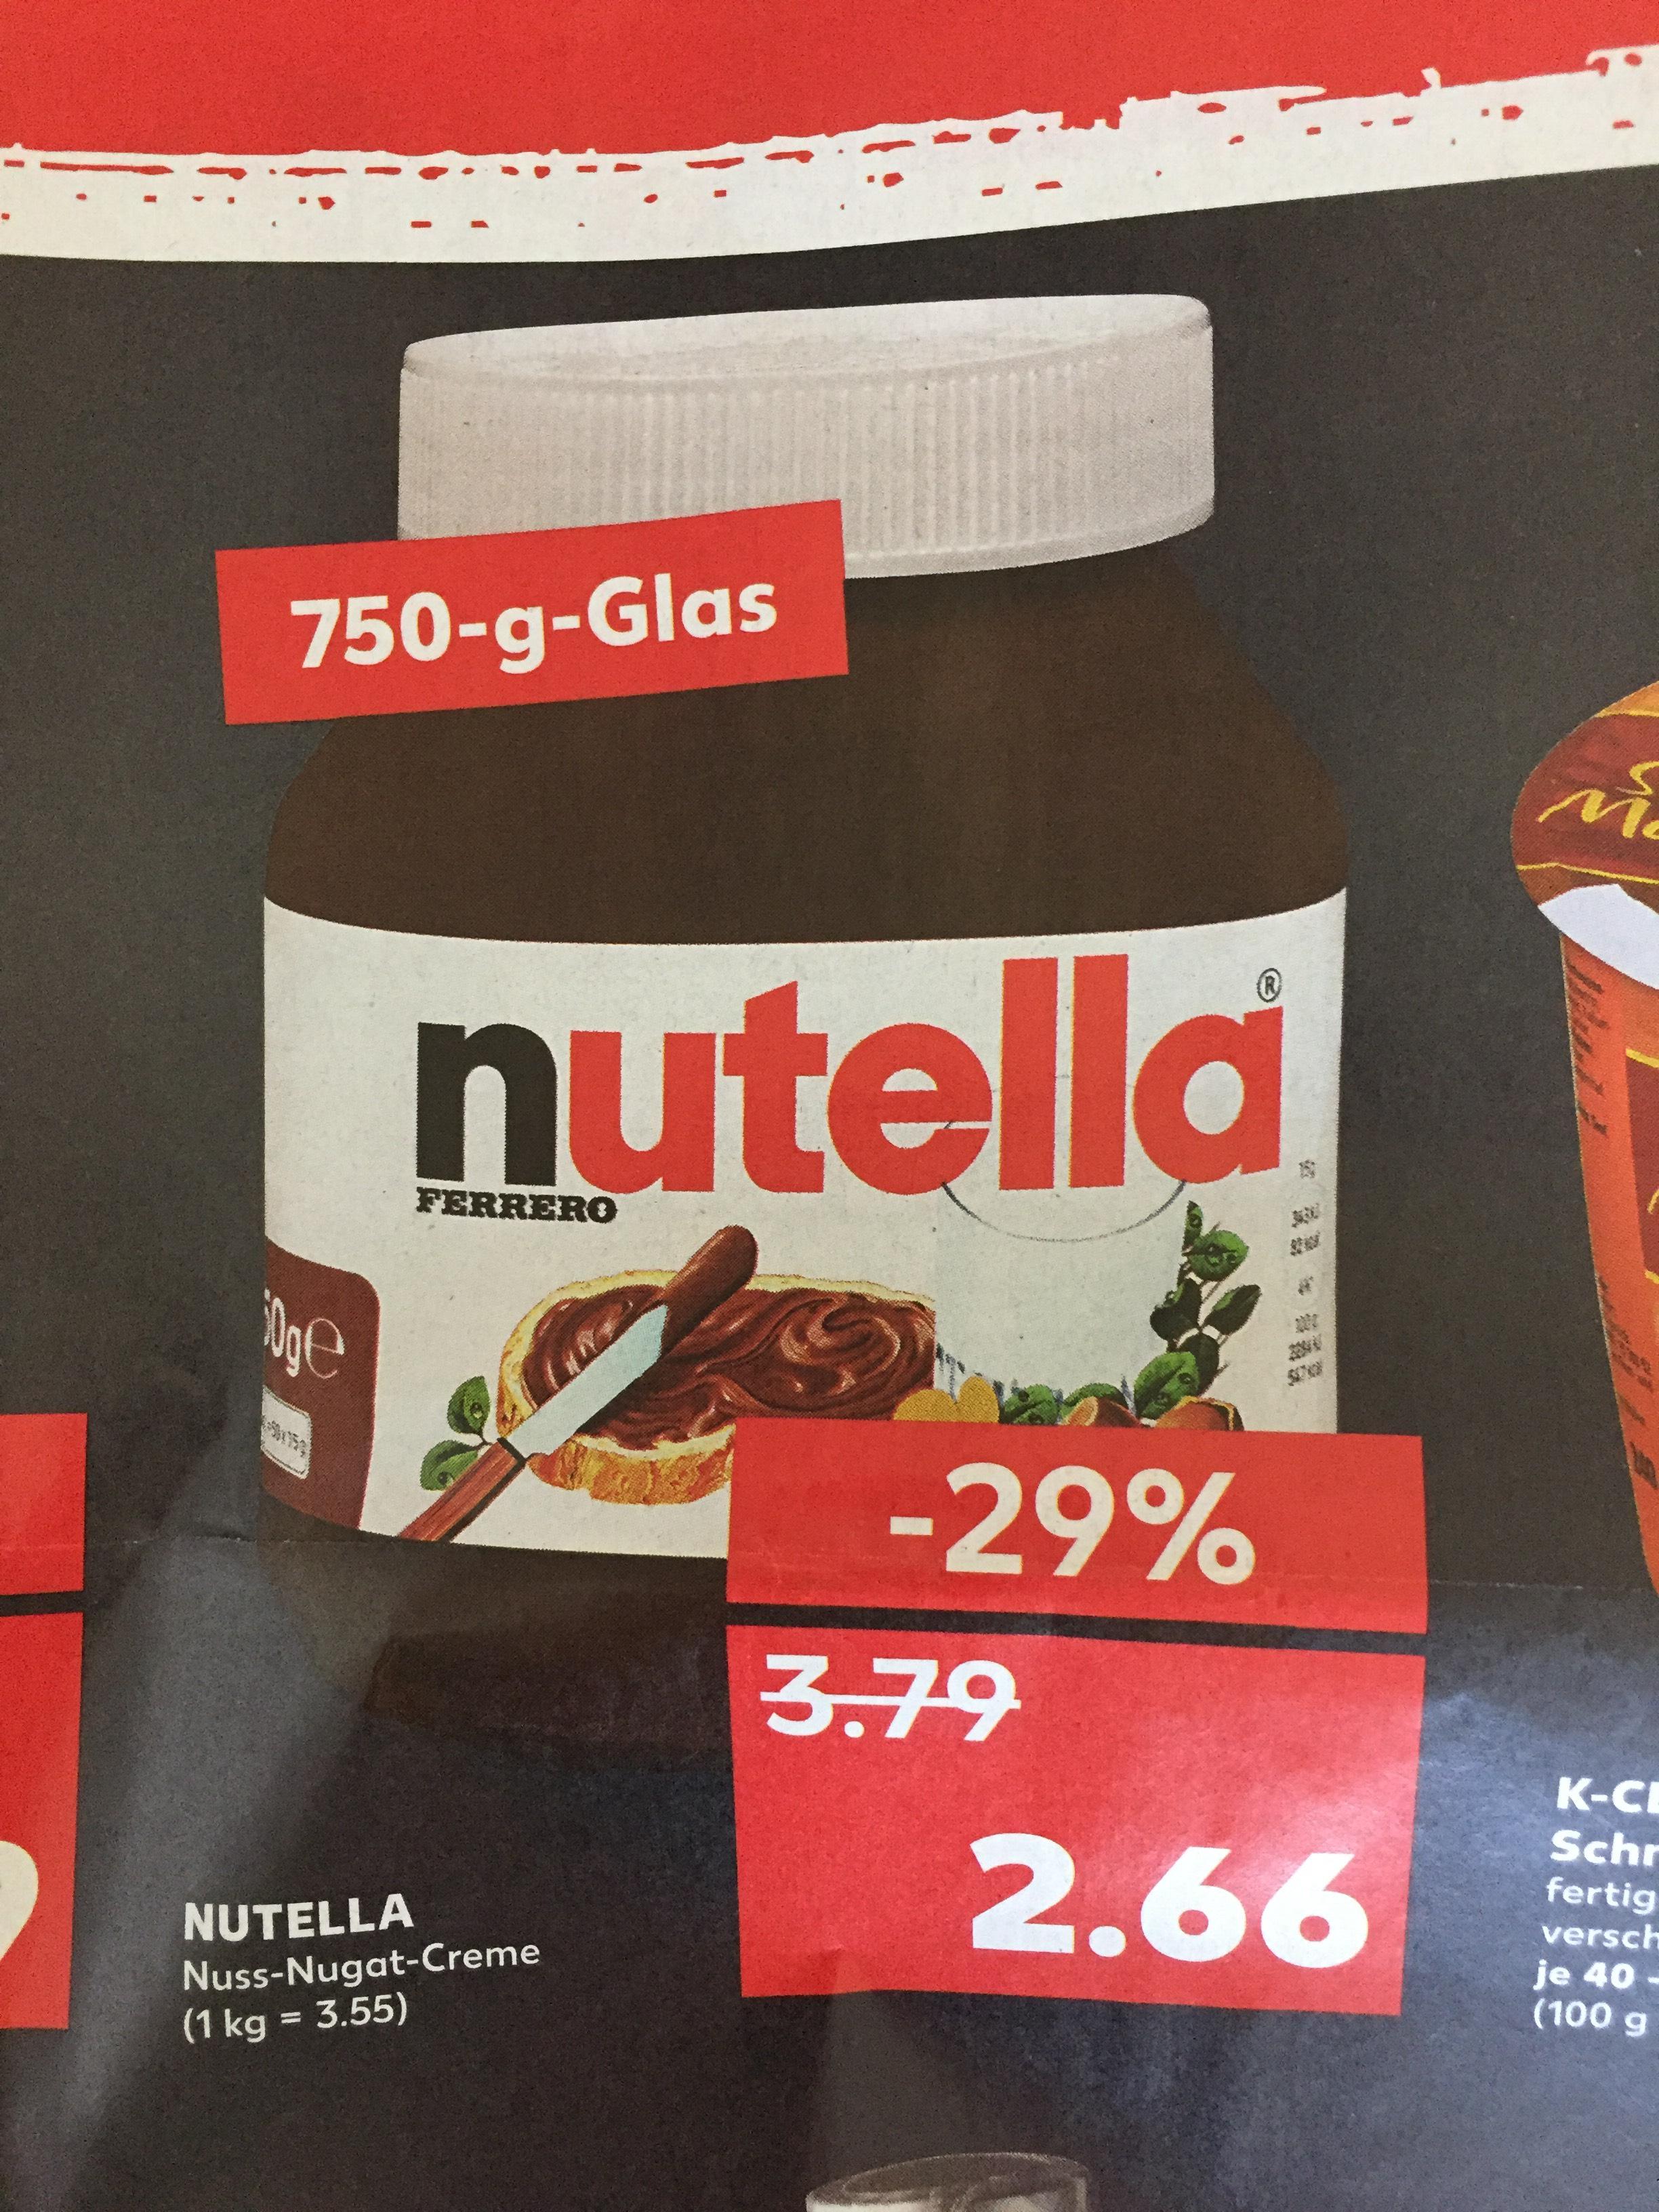 [Kaufland Cloppenburg] Nutella 750g Glas 2,66€